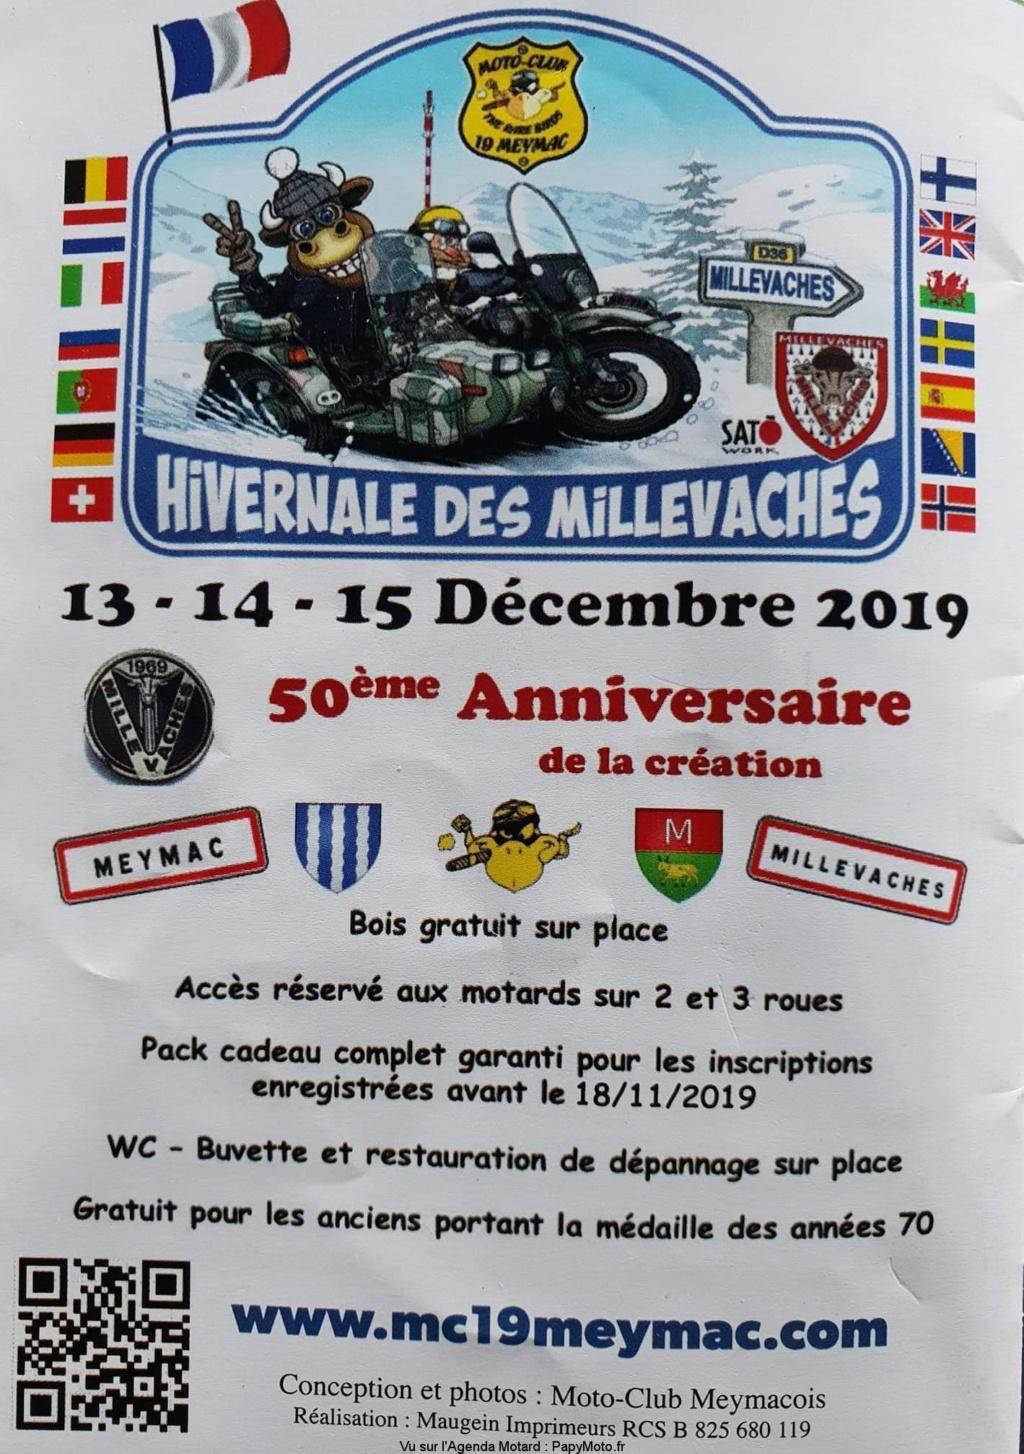 MANIFESTATION - Hivernale des Millevaches - 13 - 14 - 15 Décembre 2019 Meymac (19) Hivern14